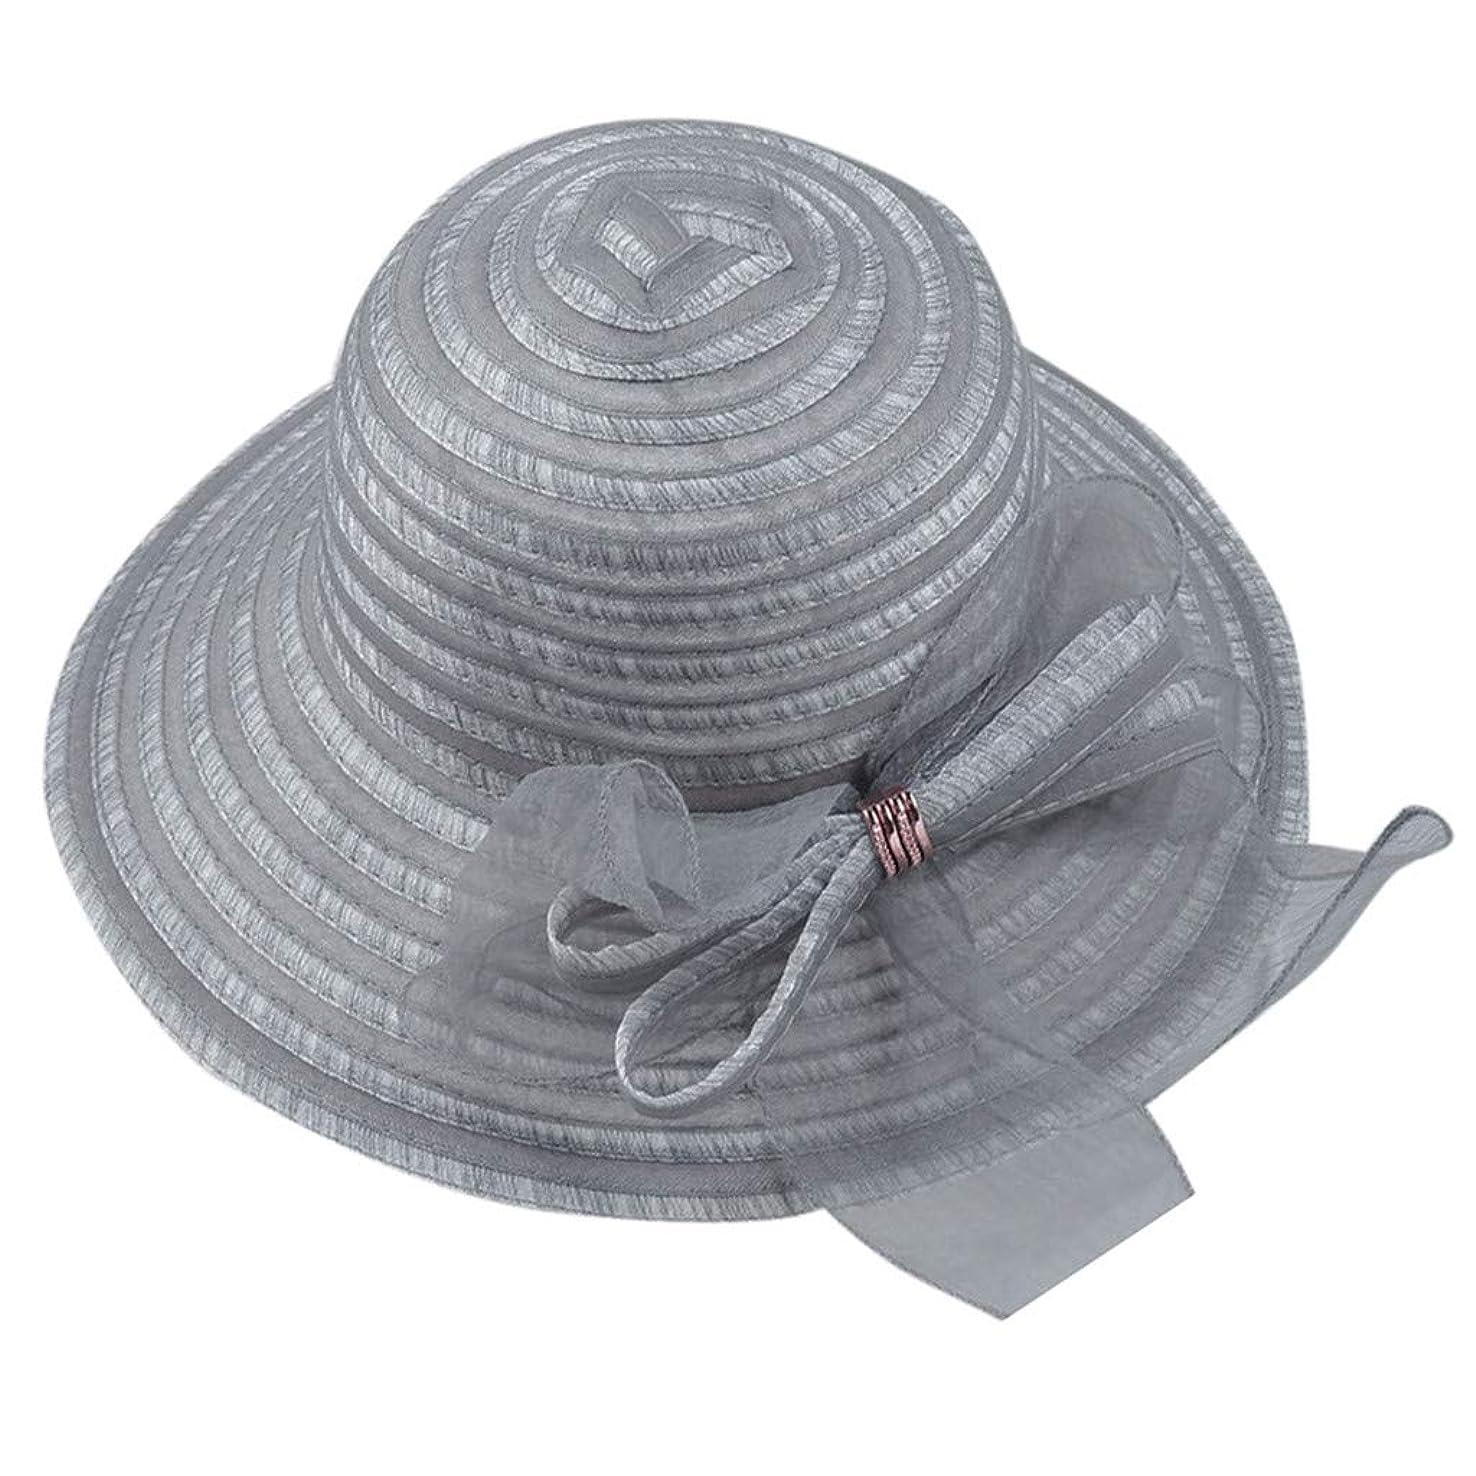 ホームレス後世マウントUVカット 帽子 レディース 日よけ 夏季 帽子 サイズ調整 テープ 女優帽 つば広 調節テープ 吸汗通気 ハット レディース 紫外線対策 ストリートスナップ 釣り 旅行 ハットストレッチャー ROSE ROMAN